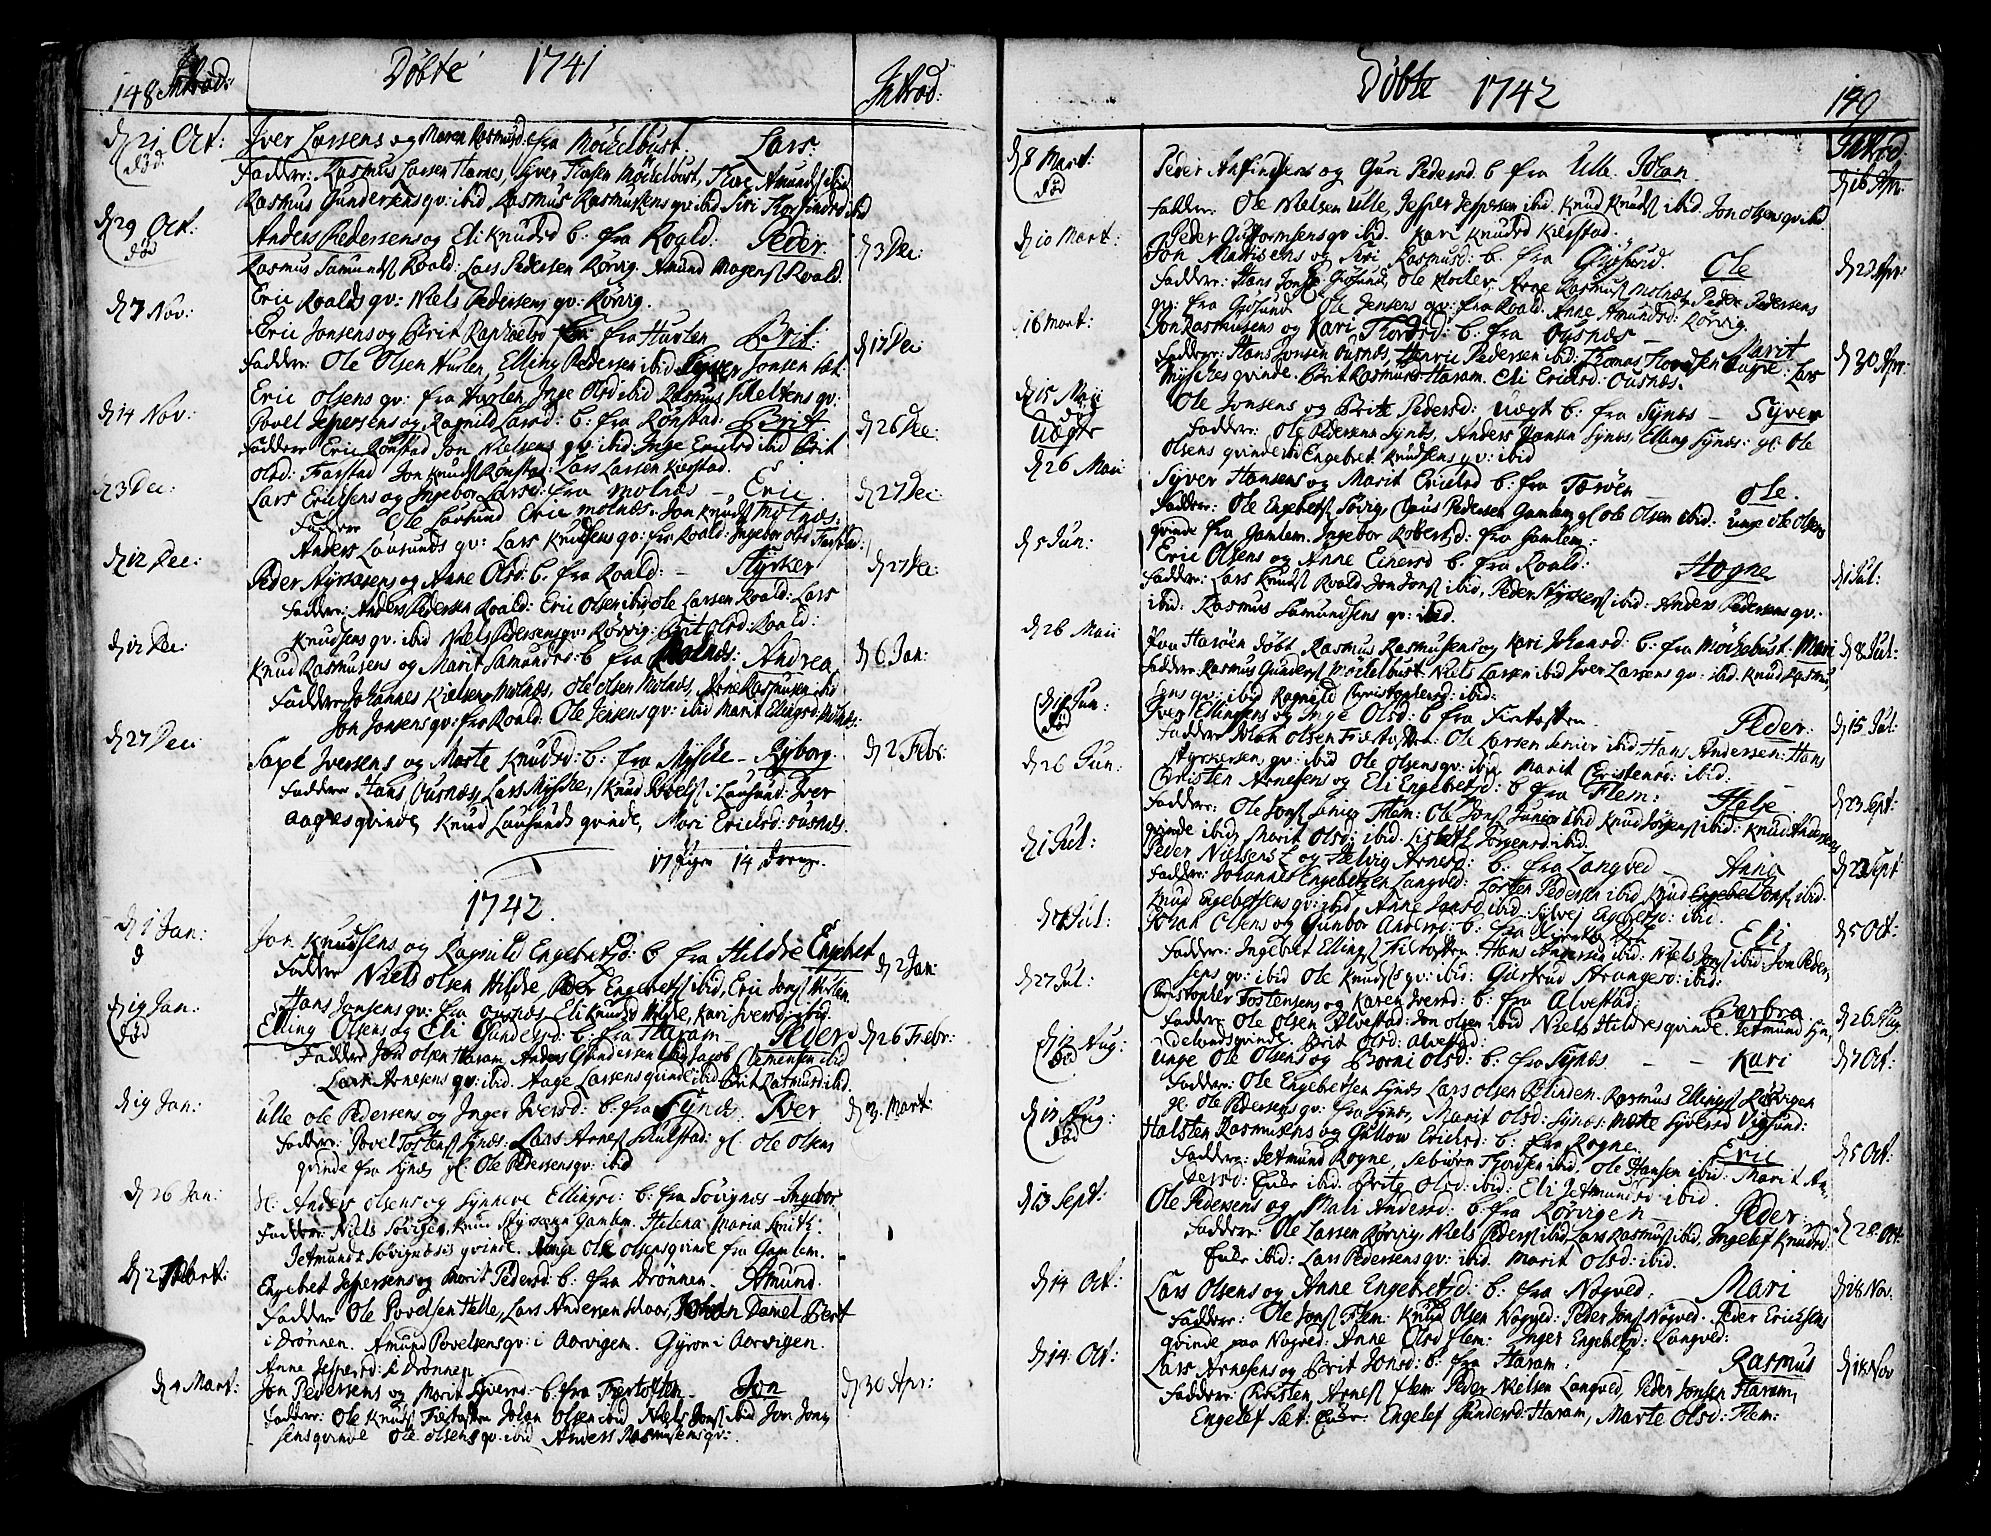 SAT, Ministerialprotokoller, klokkerbøker og fødselsregistre - Møre og Romsdal, 536/L0493: Ministerialbok nr. 536A02, 1739-1802, s. 148-149